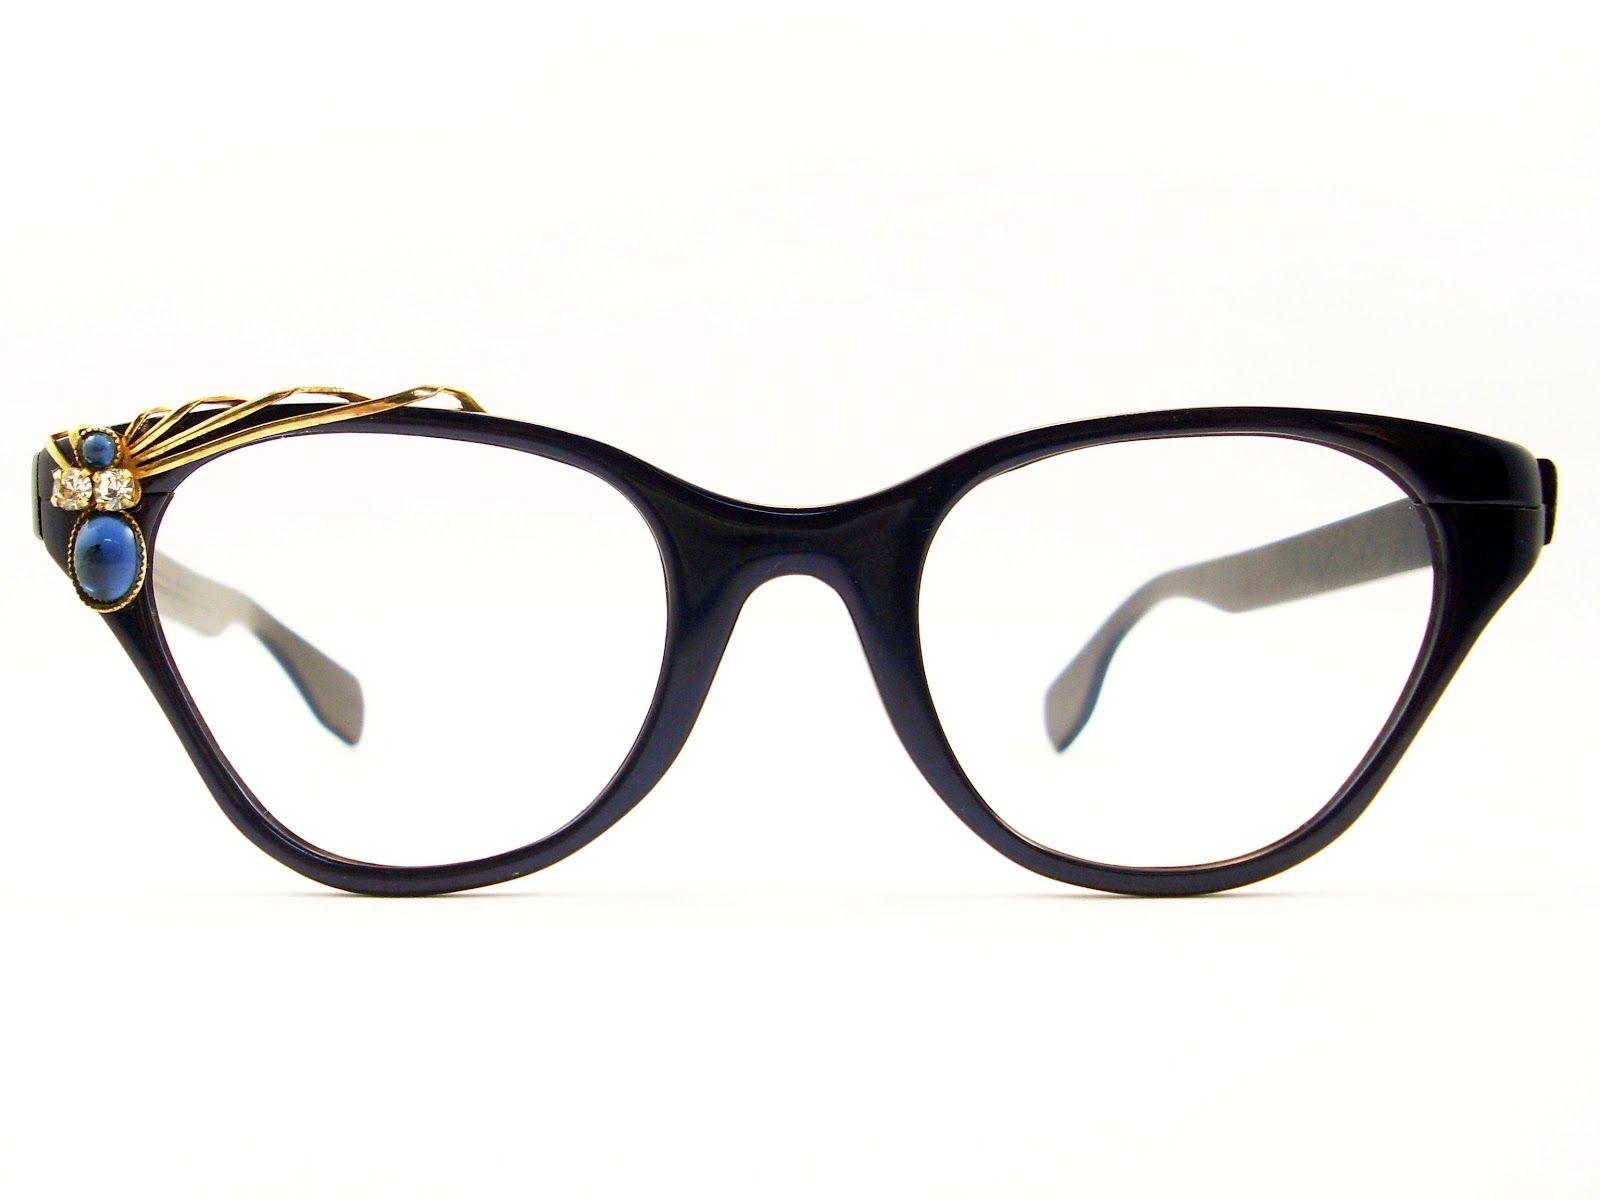 cat eye glasses image   Eyeglasses Frames Eyewear Sunglasses 50S: VINTAGE CAT EYE GLASSES ...